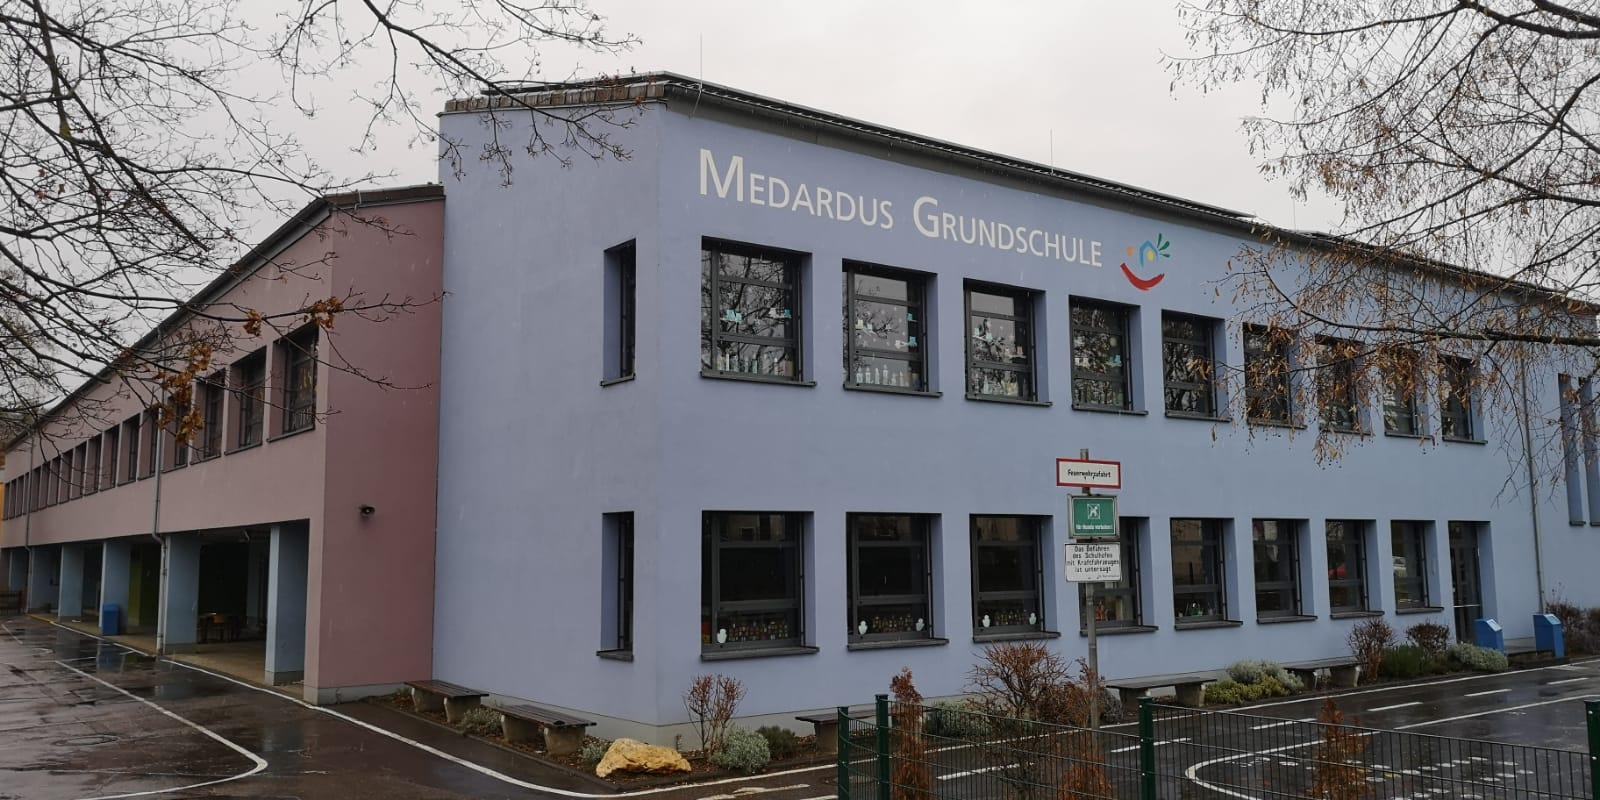 In Medardus-Grundschule in Bendorf eingebrochen